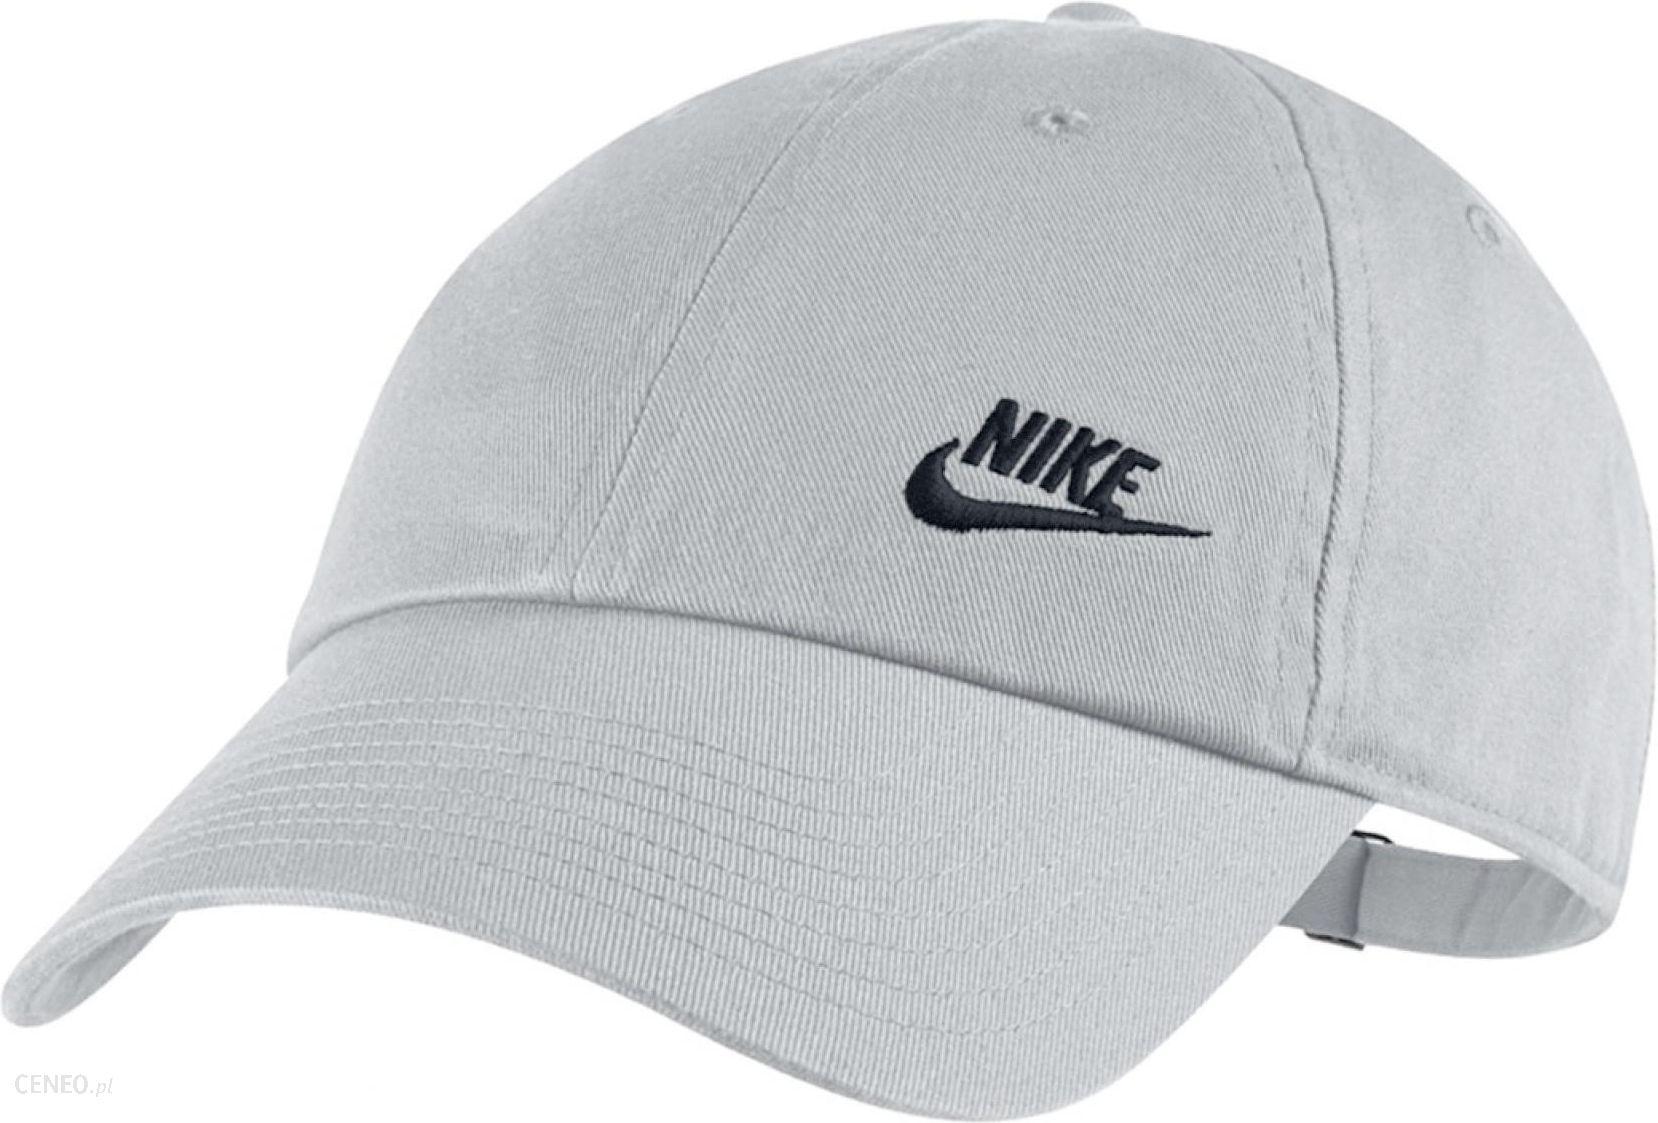 Nike Czapka z daszkiem Damska 832597 092 szara Ceny i opinie Ceneo.pl